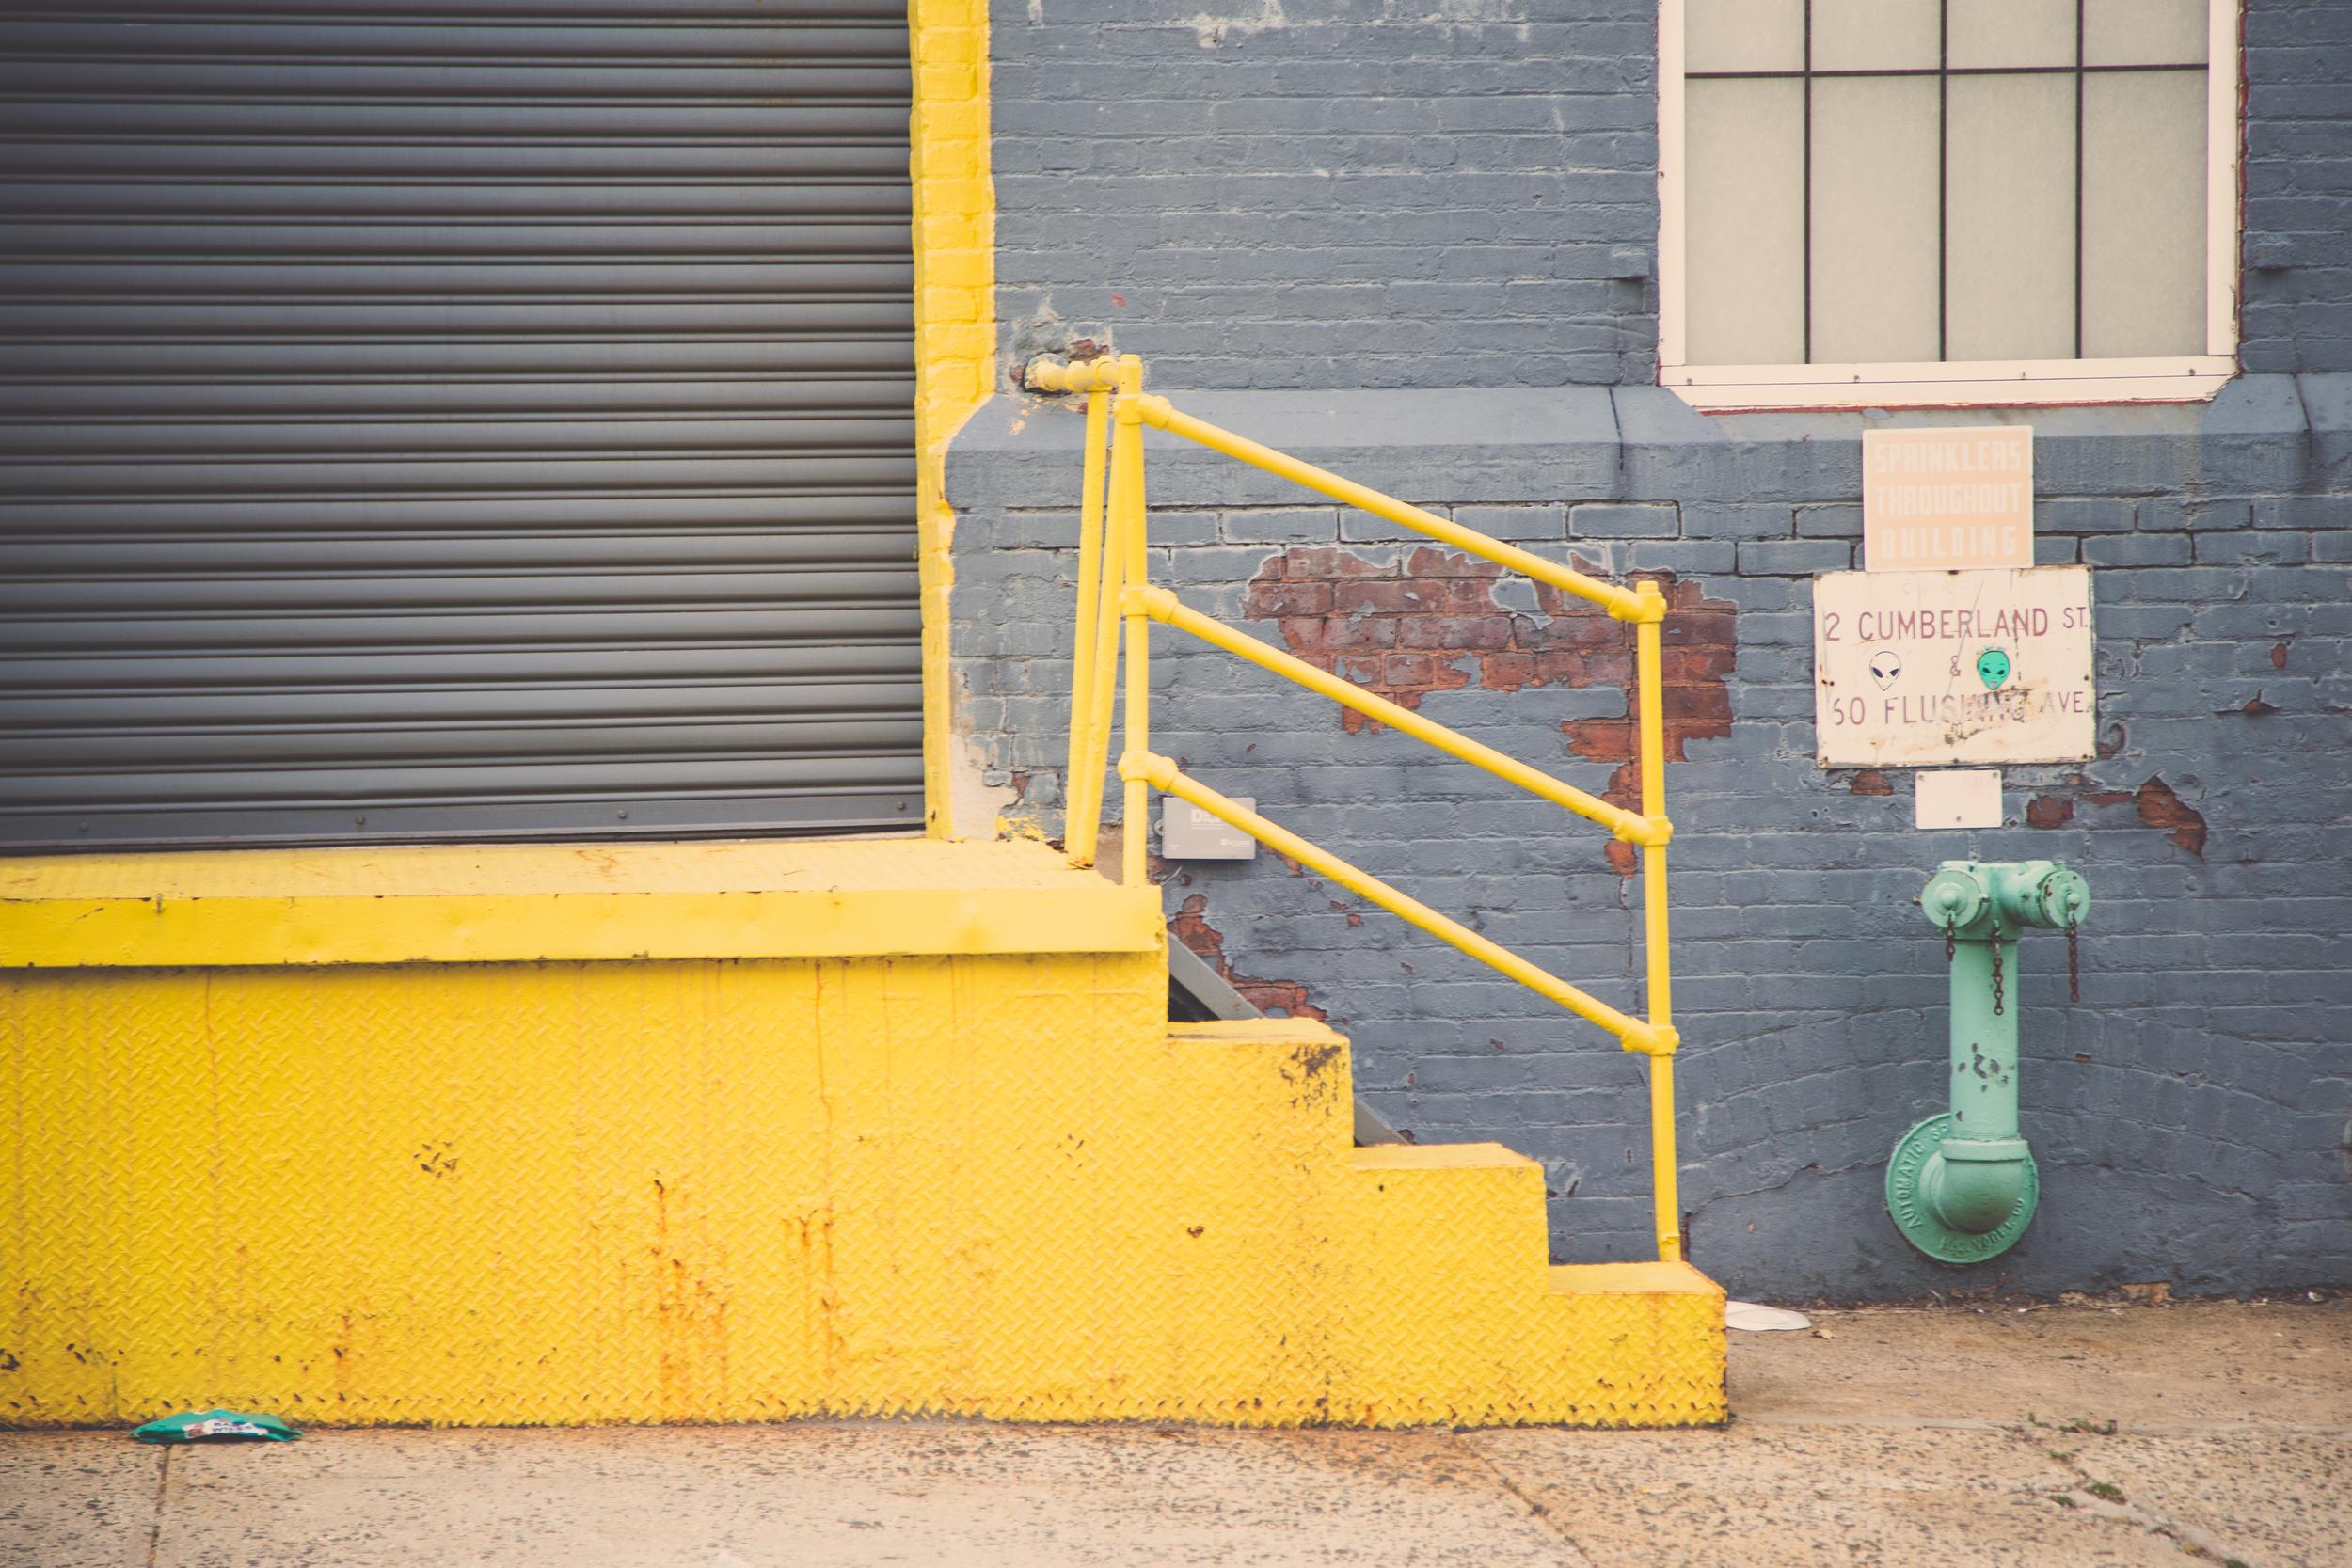 304 // 365 NYC errand running